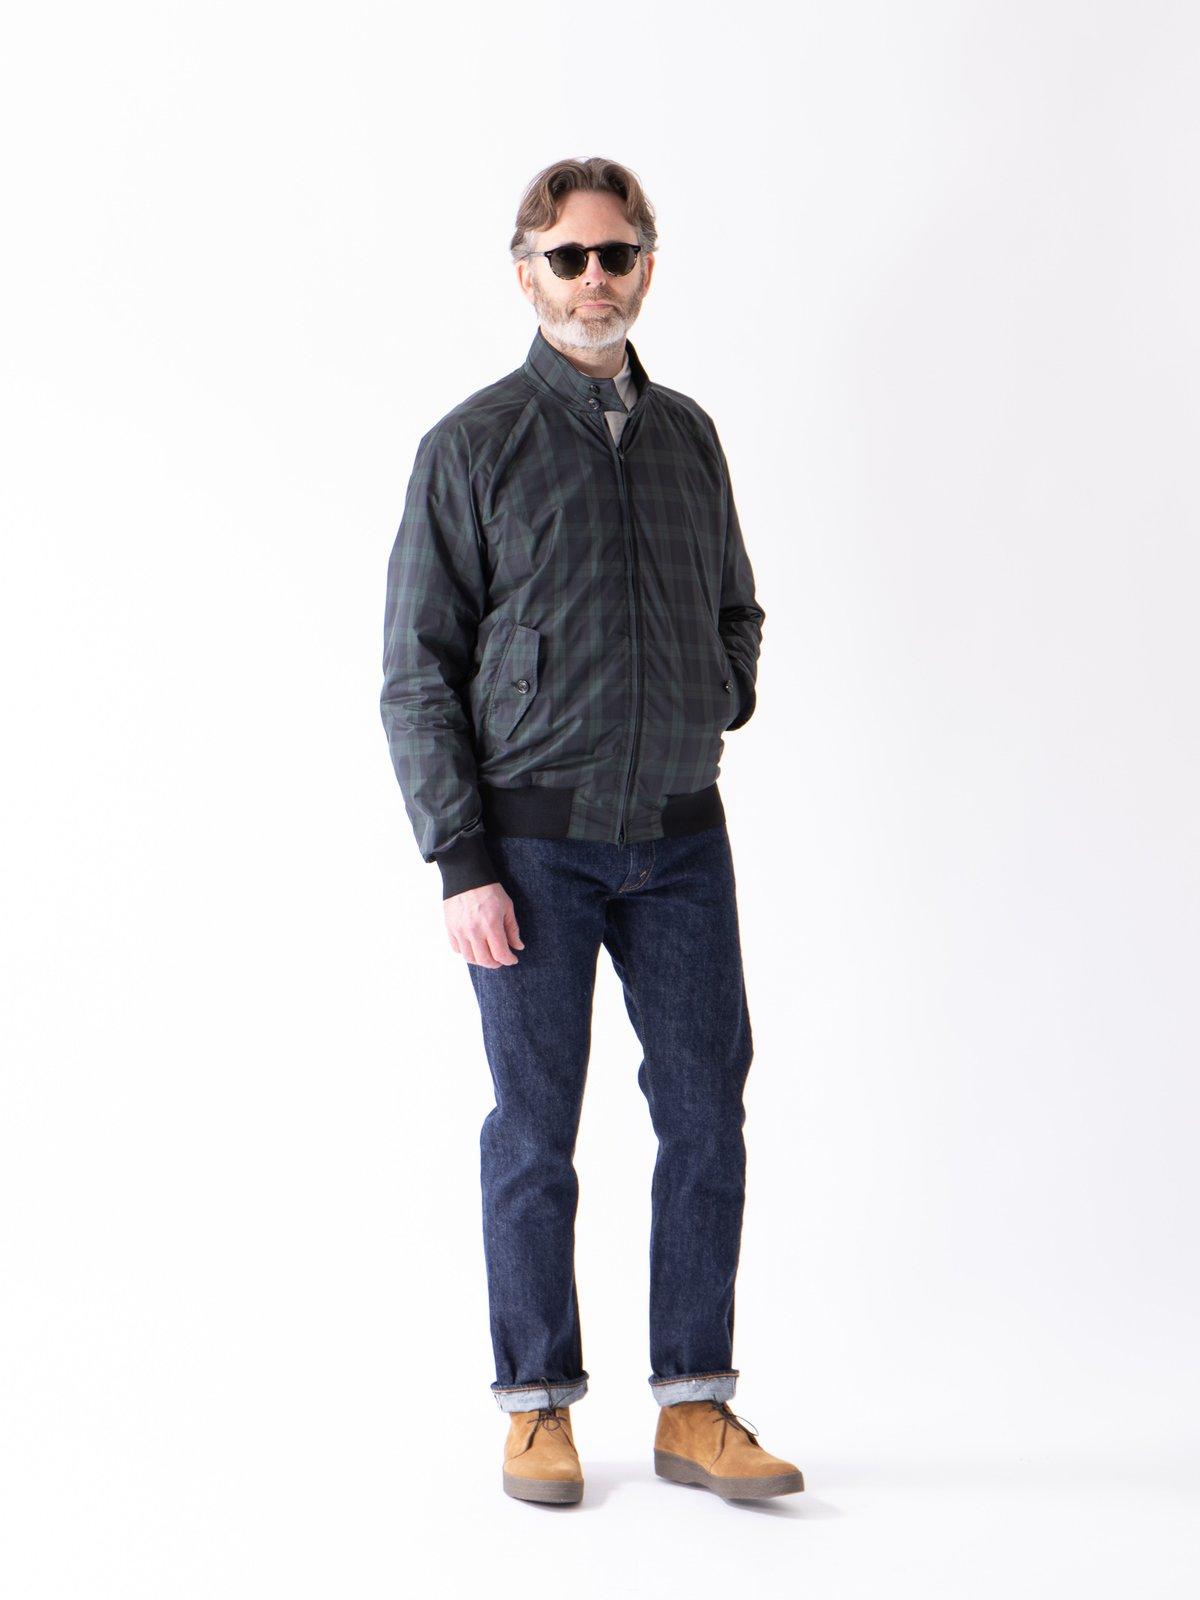 Blackwatch G9 EG Jacket - Image 3